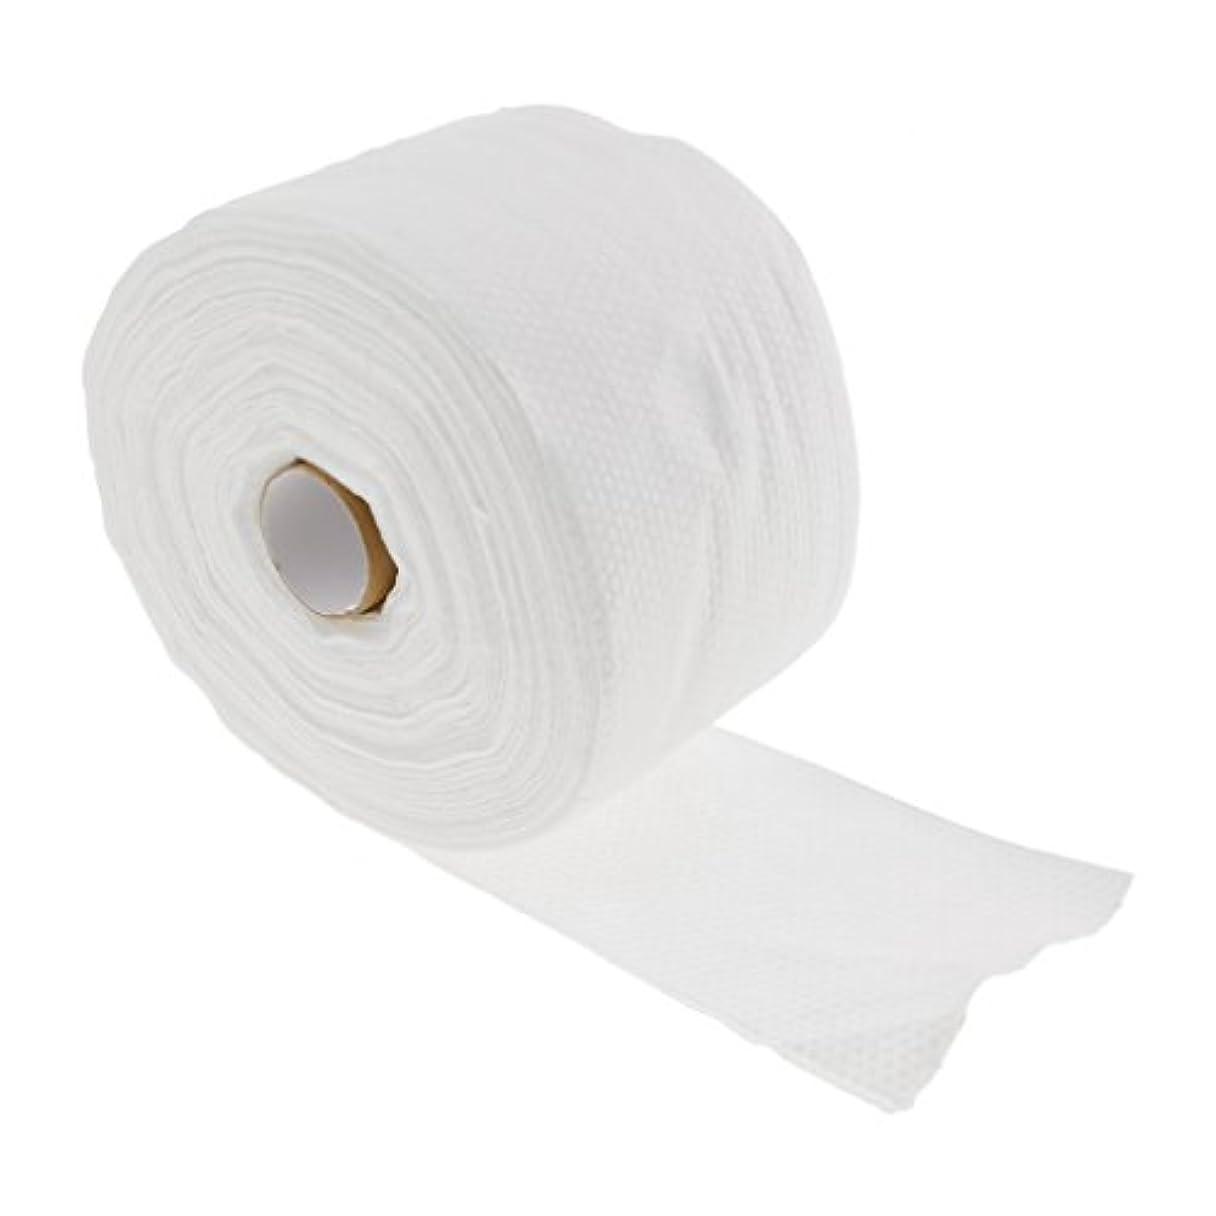 赤ちゃん幾何学無駄だToygogo 1つのロール30メートルの使い捨て可能なタオル繊維の清潔になる顔のワイプの構造の除去剤 - #2